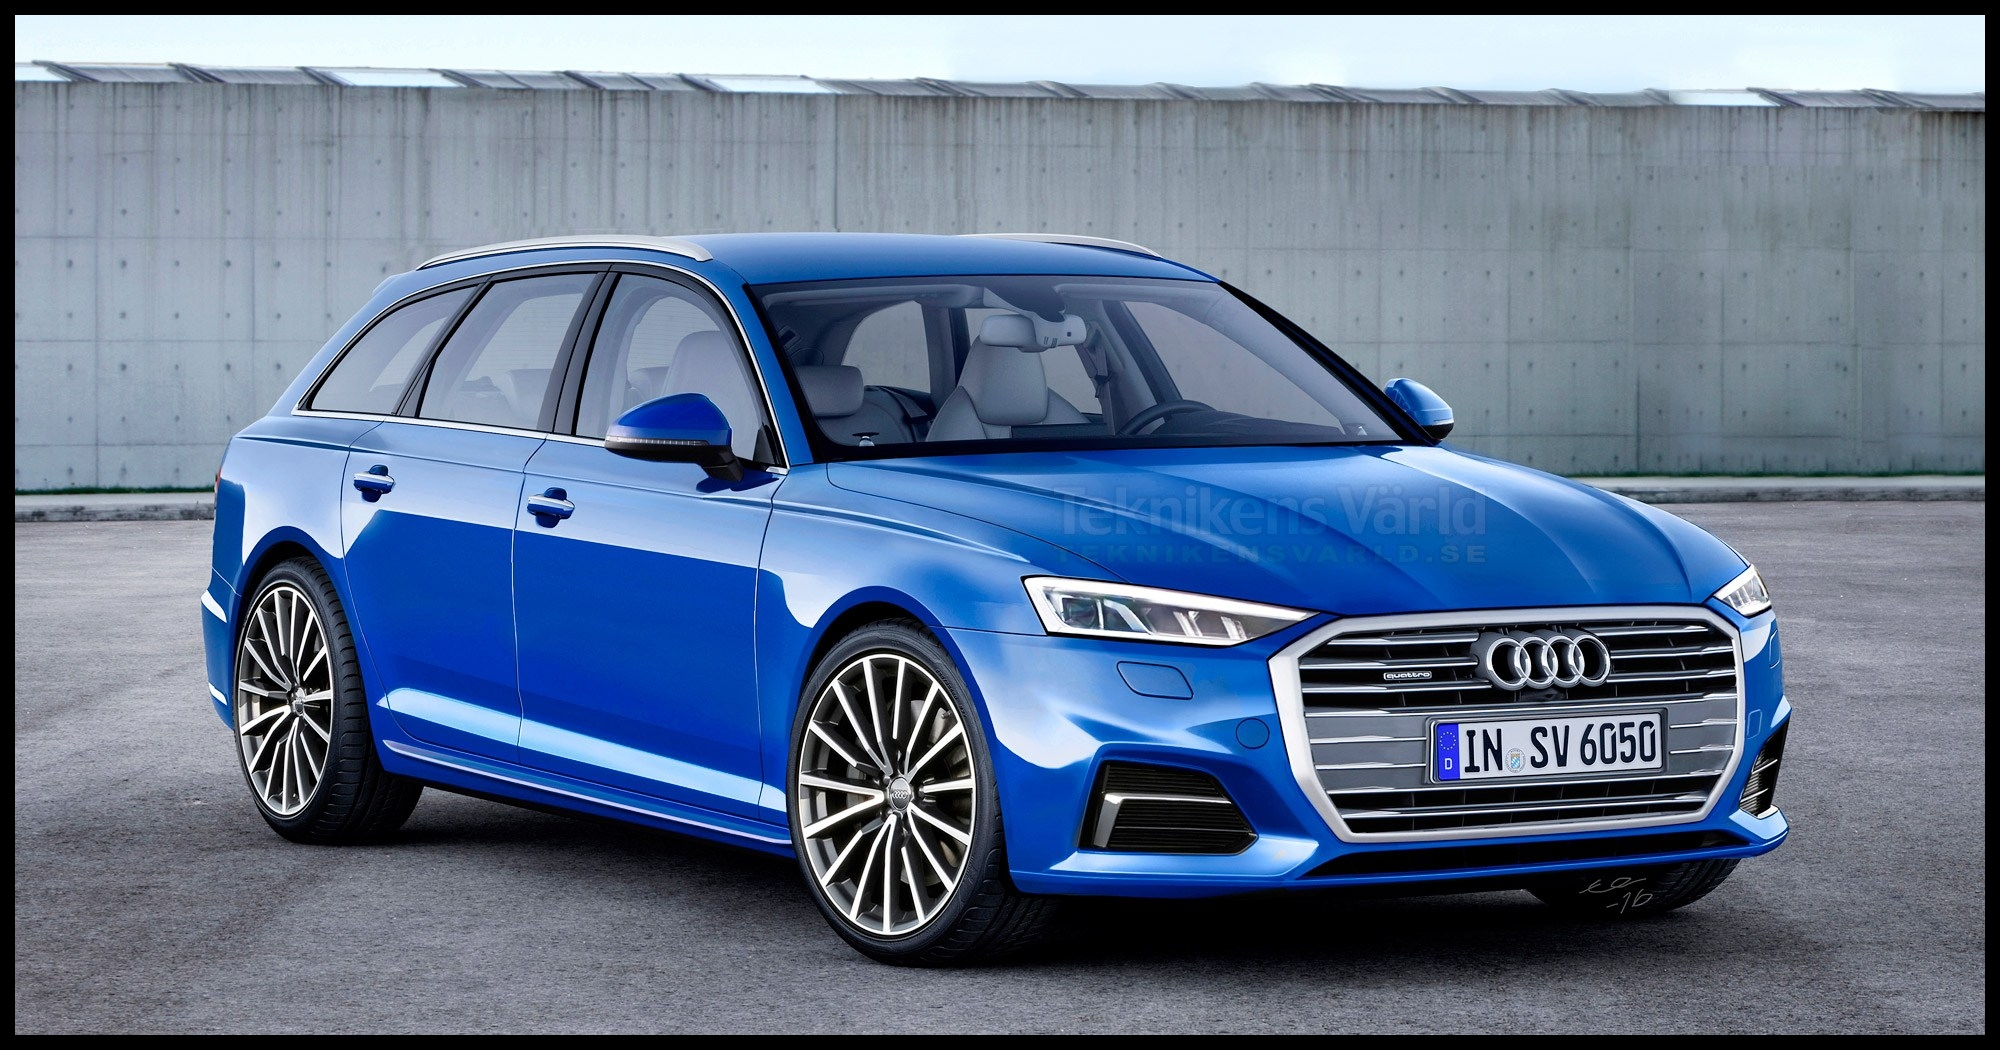 Audi A6 C8 Audi A6 Avant 2019 Illustration A6l illinois liver